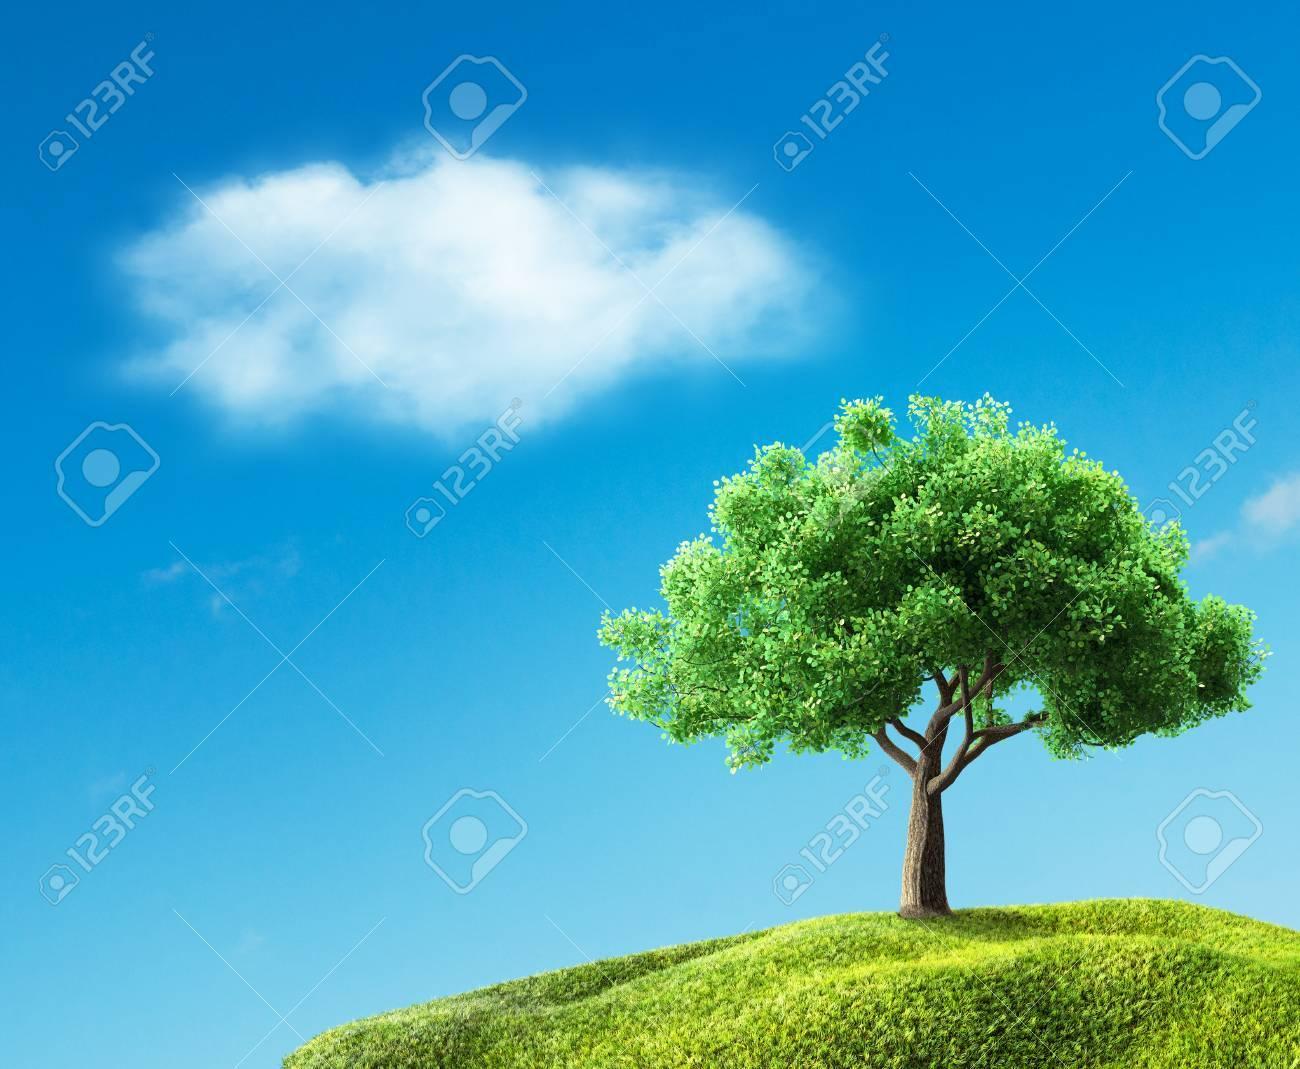 green tree on meadow - 40225105